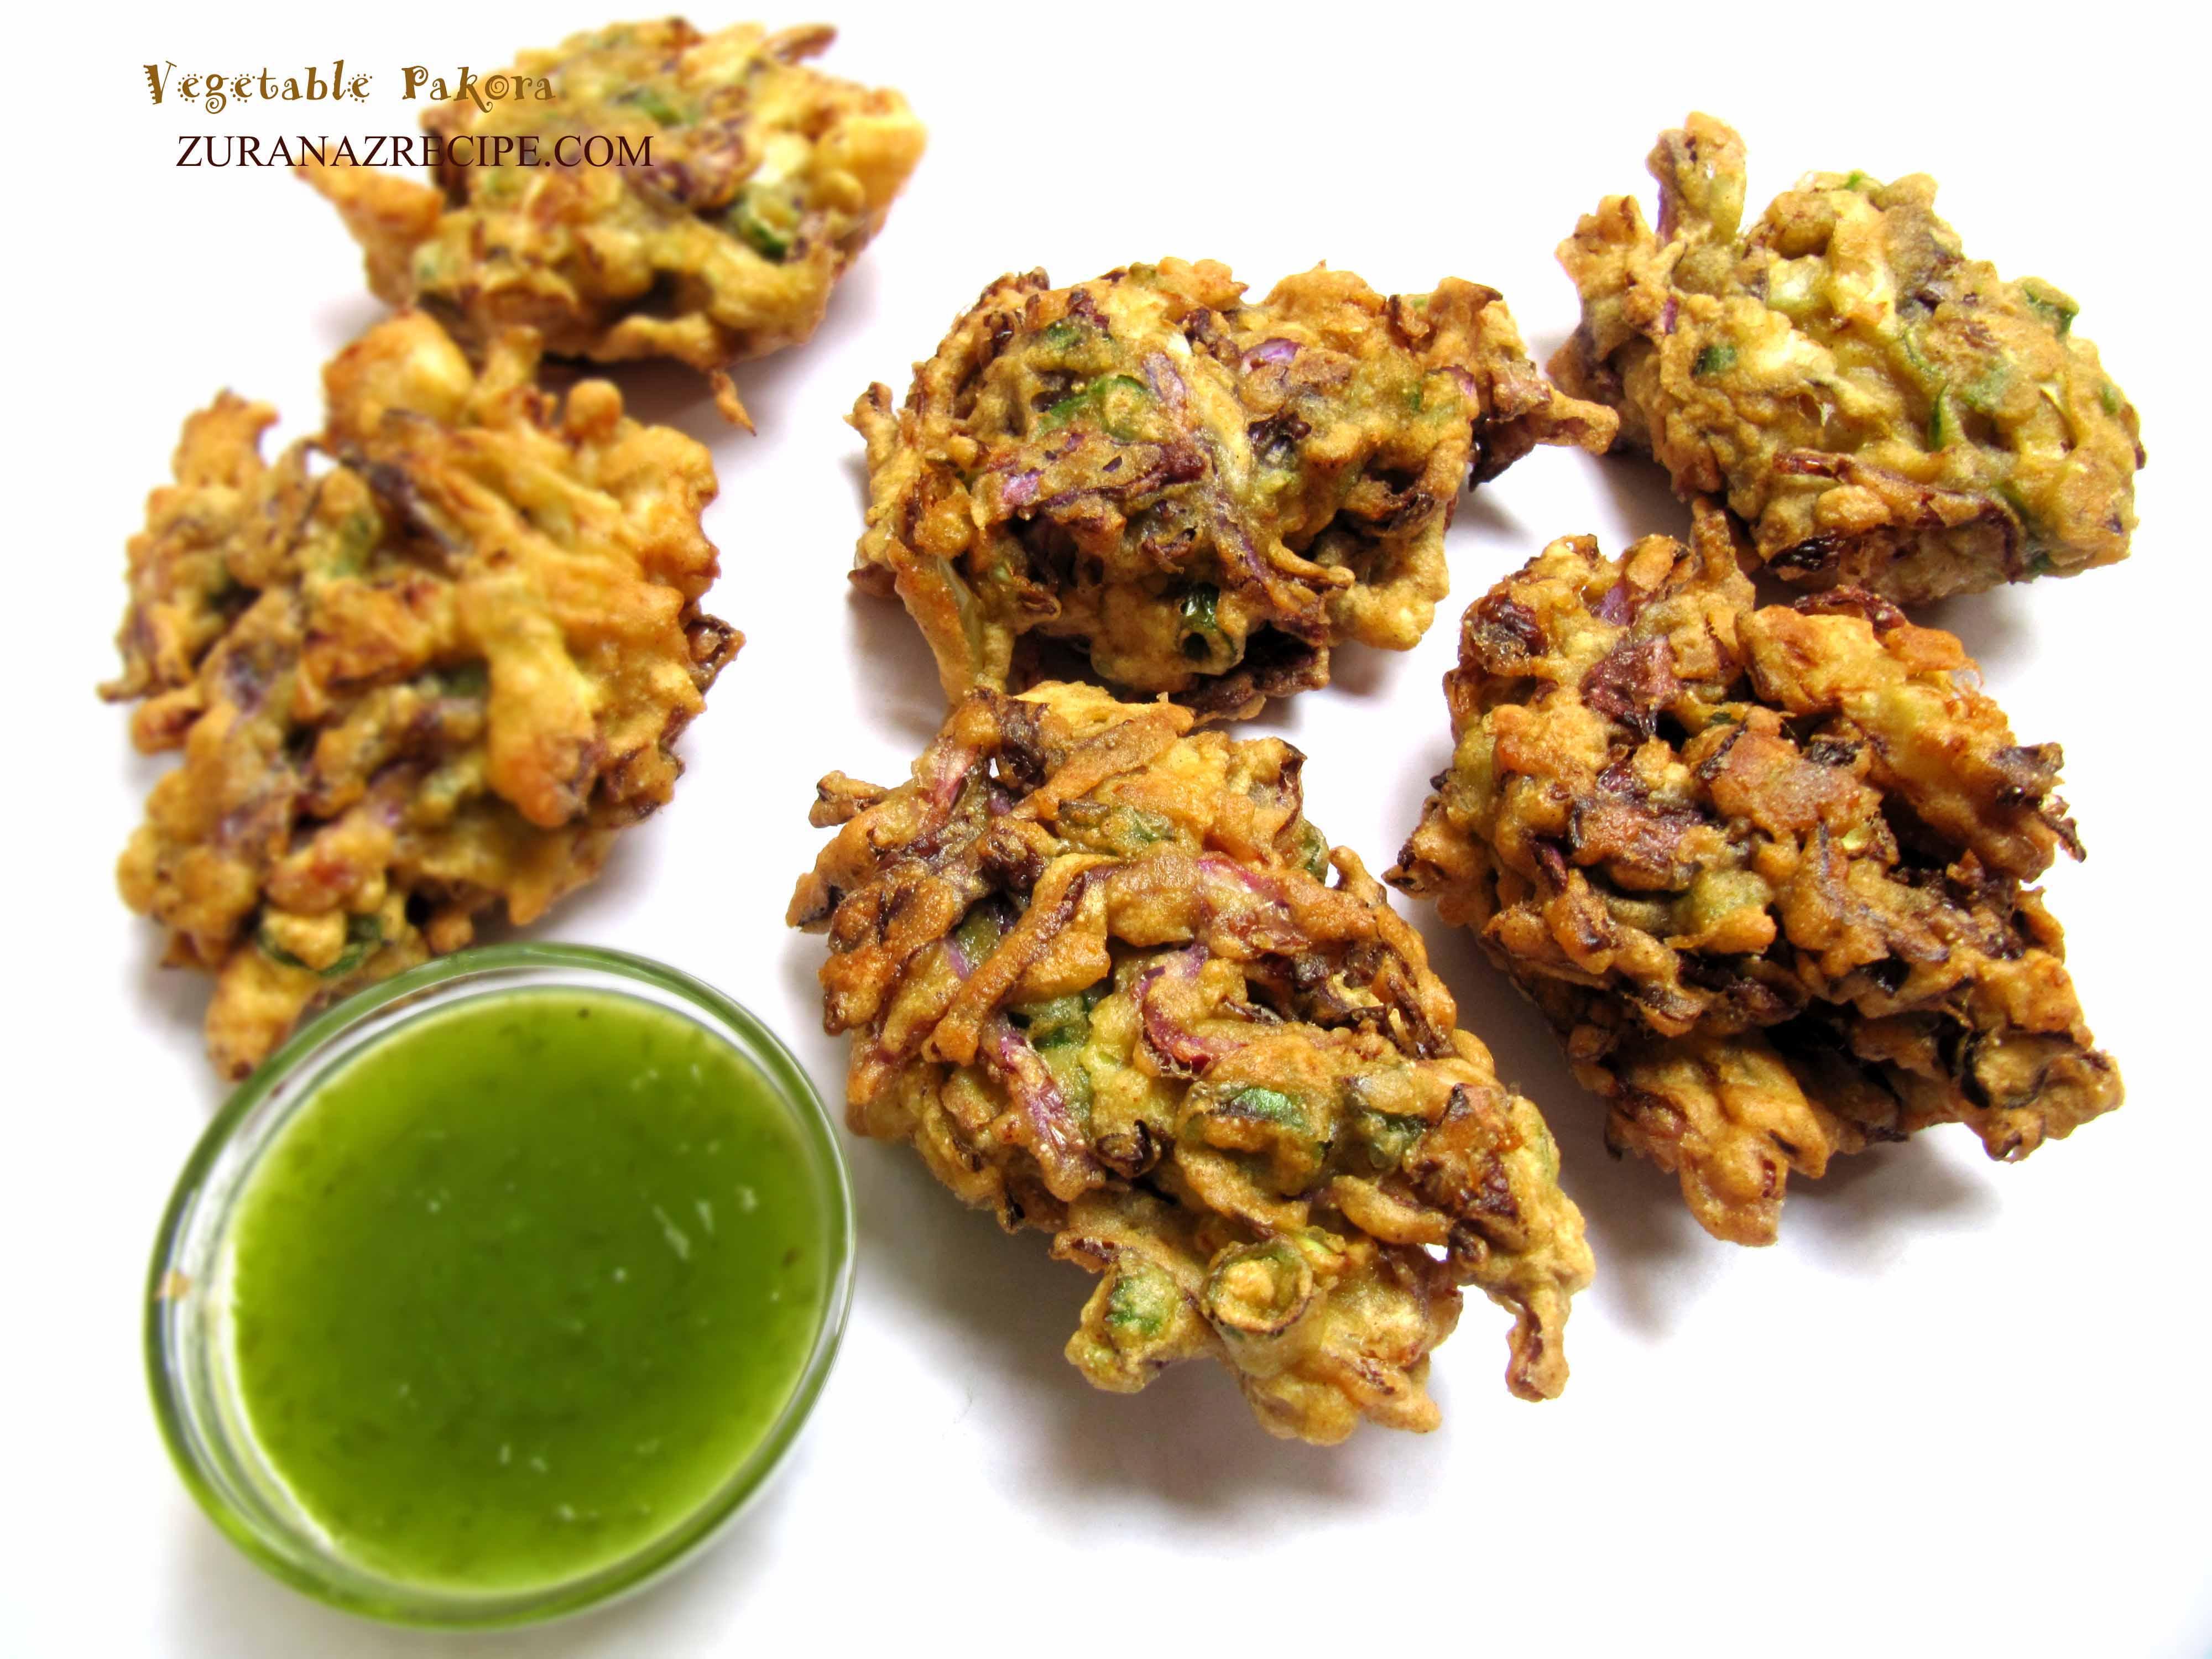 Shobji Pakora/Vegetable Pakora